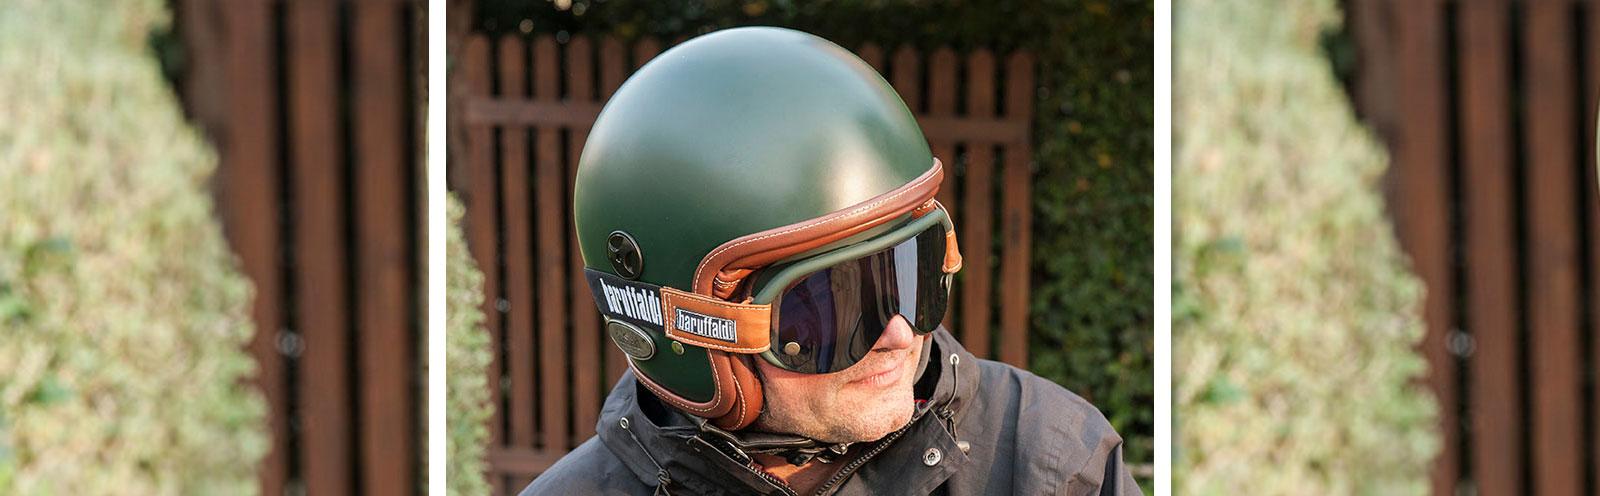 occhiale Baruffaldi speed4 verde bosco con casco verde coordinato